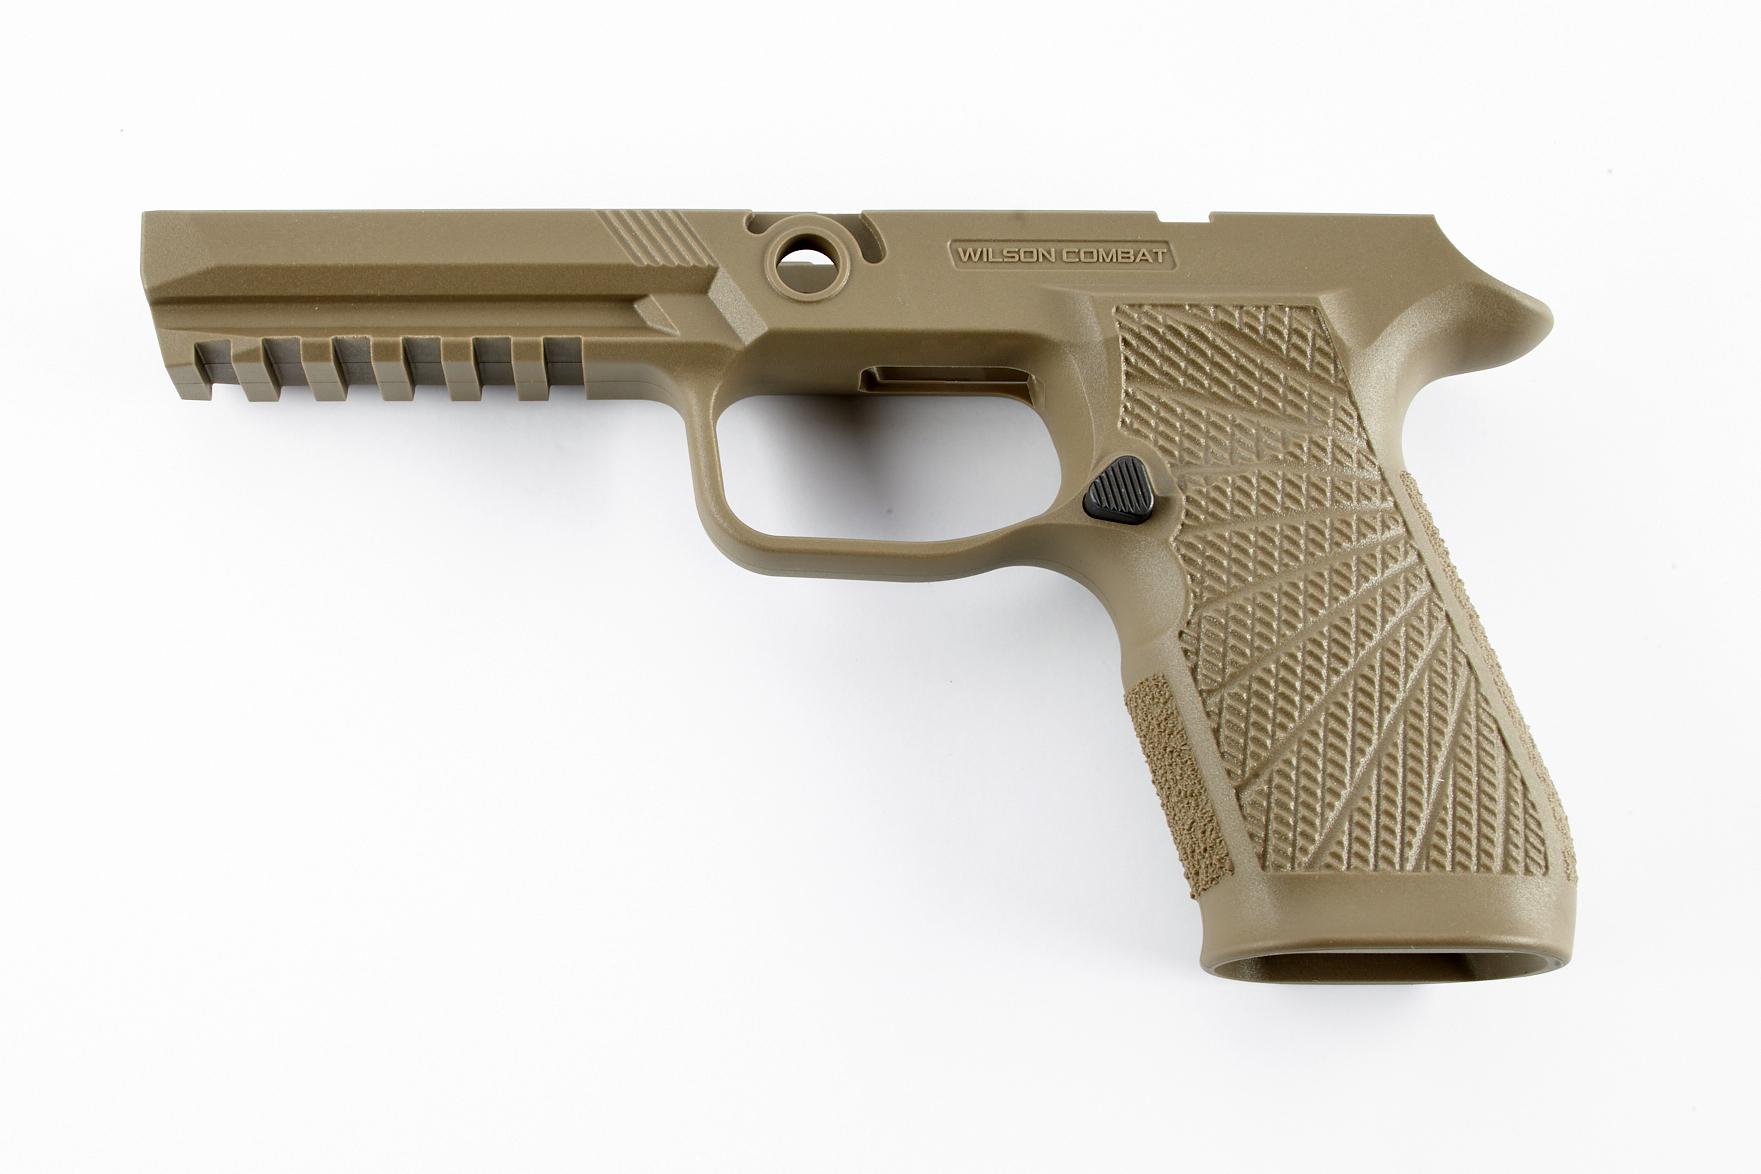 C'est quoi votre dernier achat lié aux guns? - Page 4 320-FST_2RS2%20copy